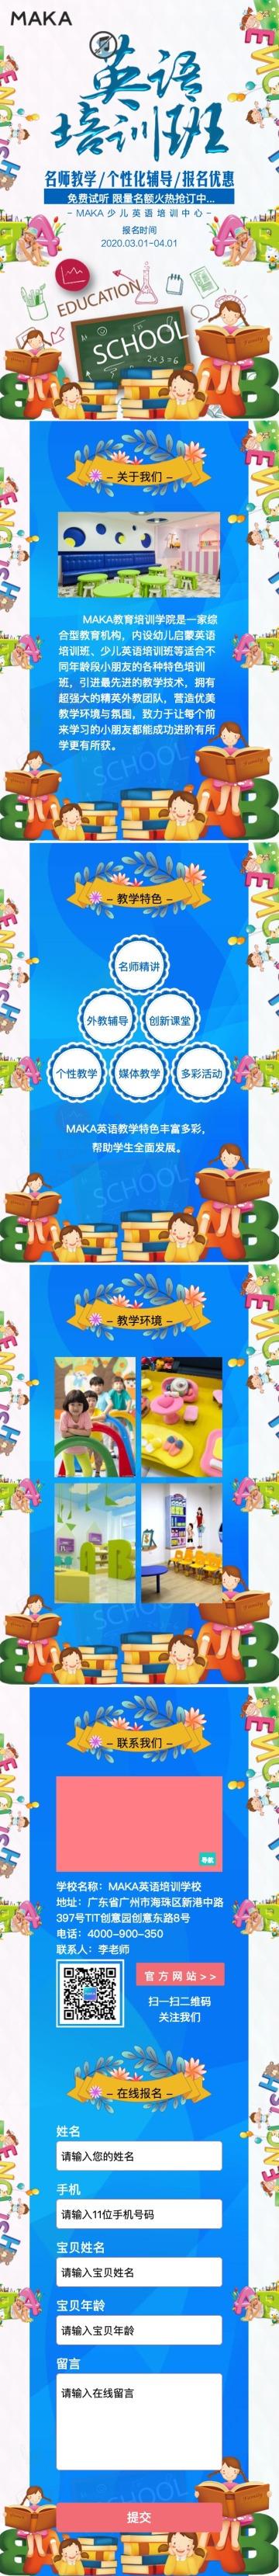 卡通手绘英语培训班招生幼儿园招生宣传单页模板